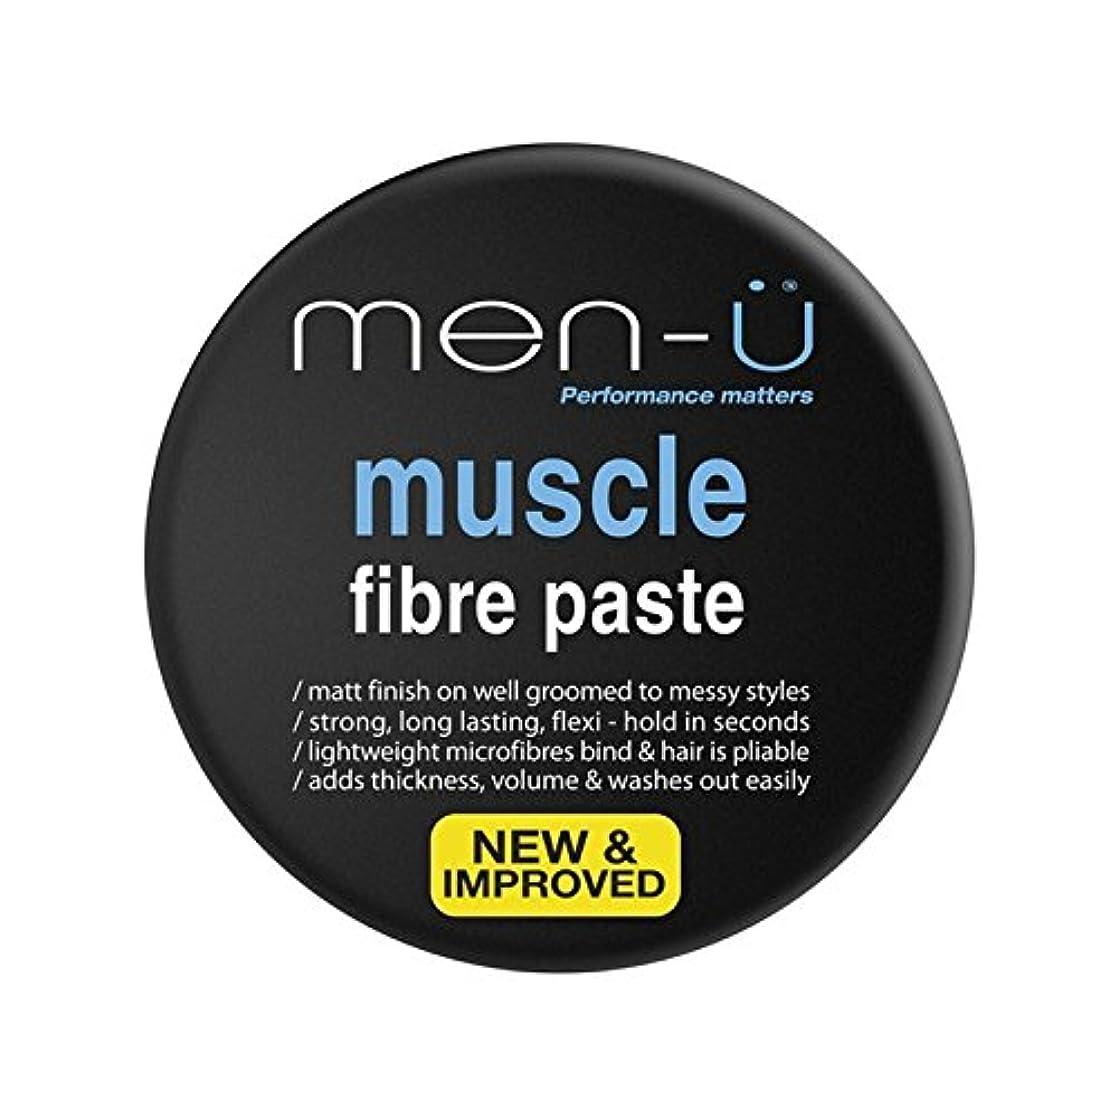 受動的否定する資金Men-? Muscle Fibre Paste (100ml) - 男性-?筋線維ペースト(100ミリリットル) [並行輸入品]